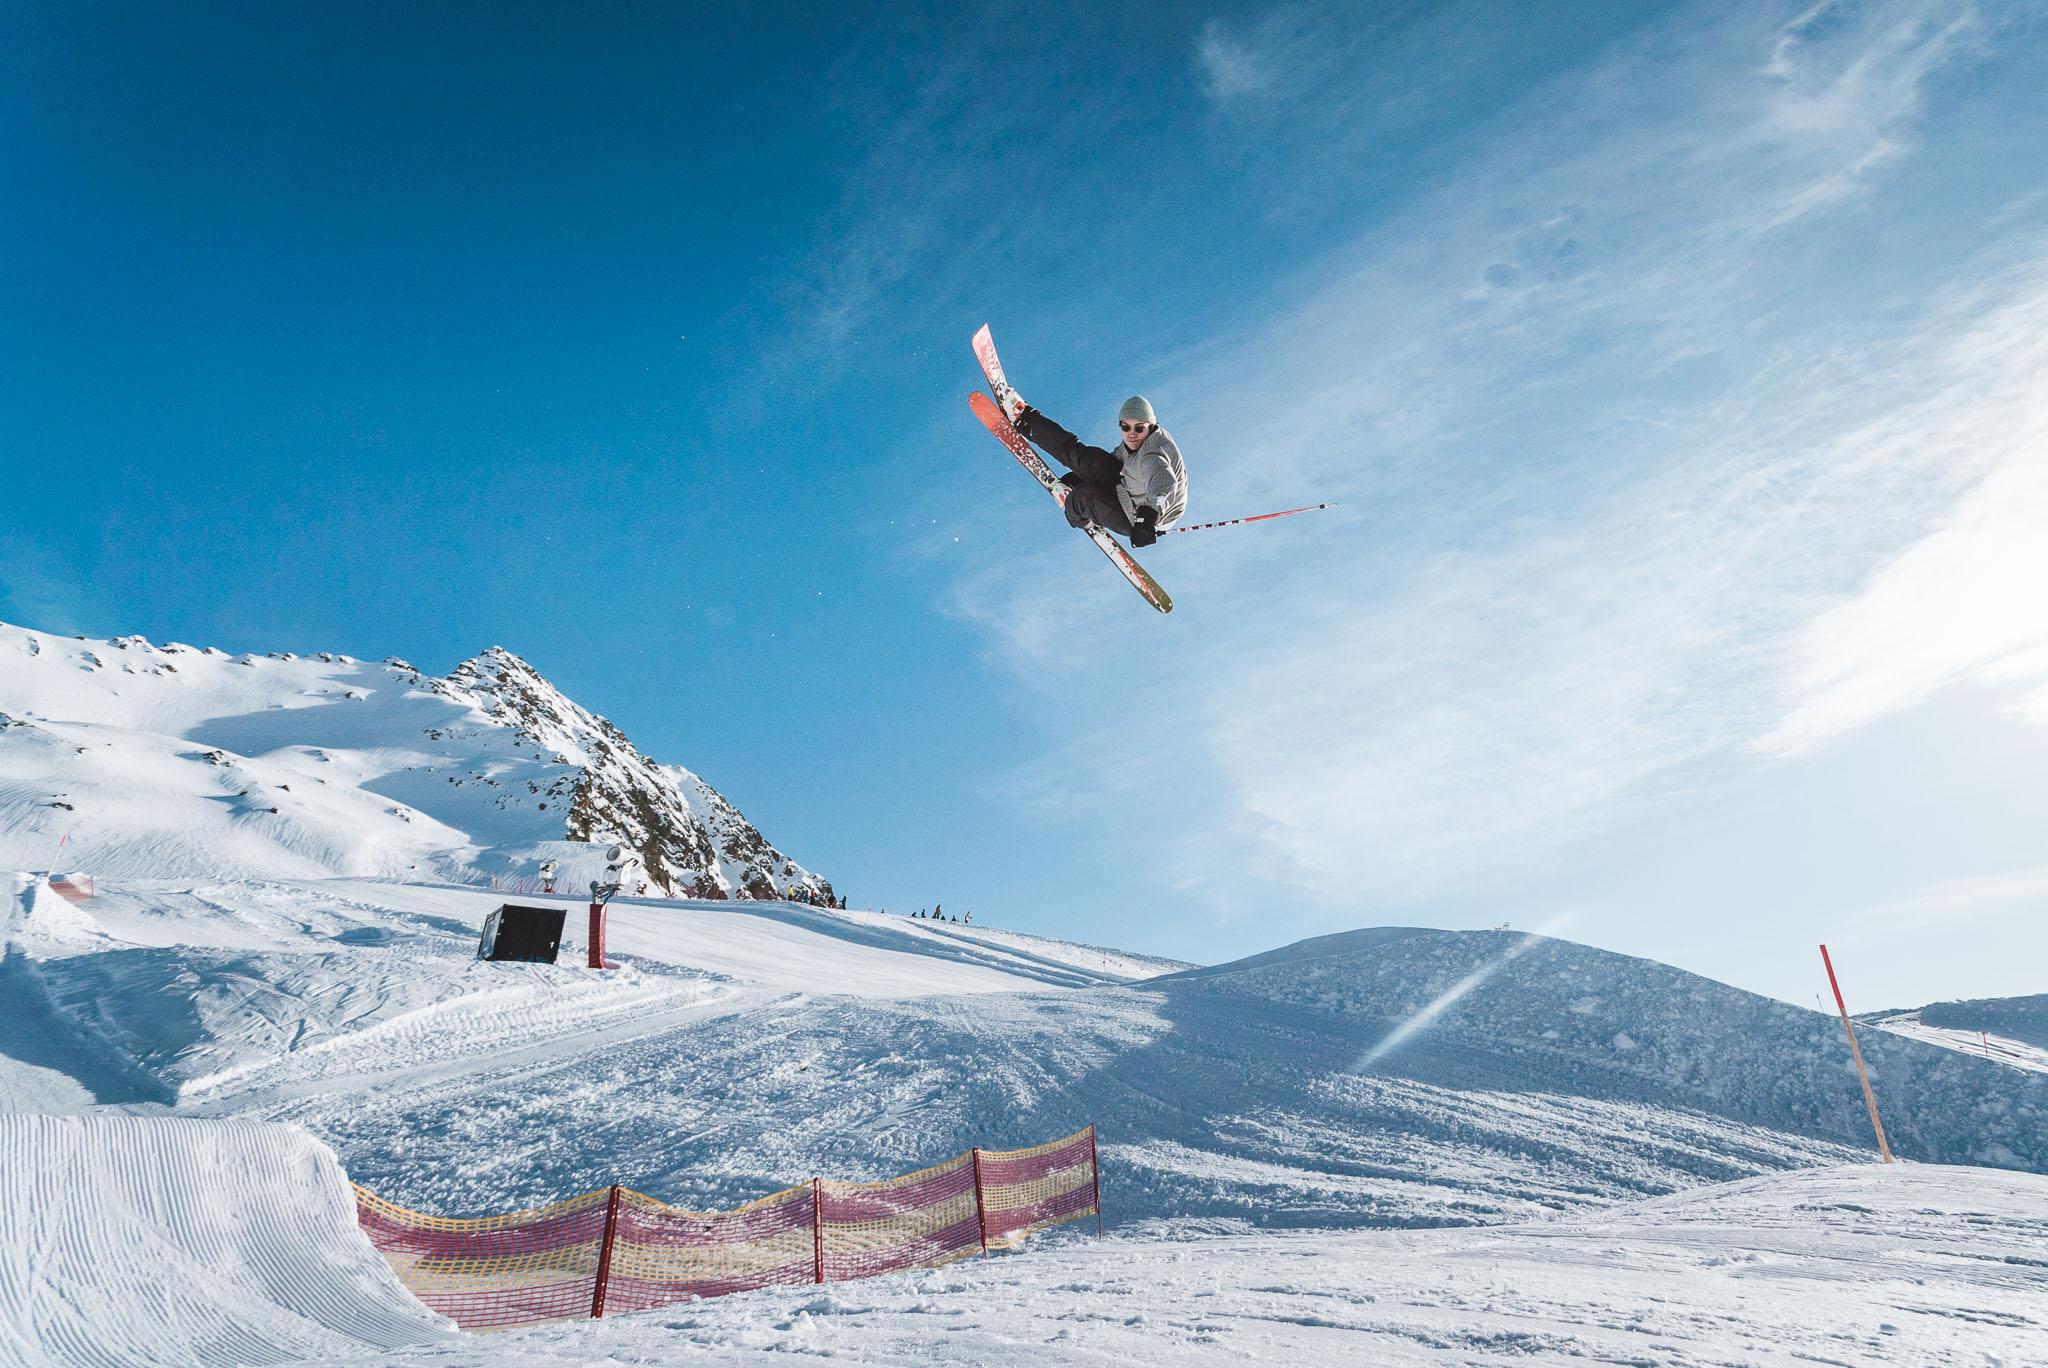 Solange der Pro Jump nicht steht, bietet auch die Medium Line ausreichend Airtime für Tricks in der Luft: Jona Zimmermann mit einem Flat 7 Japan.